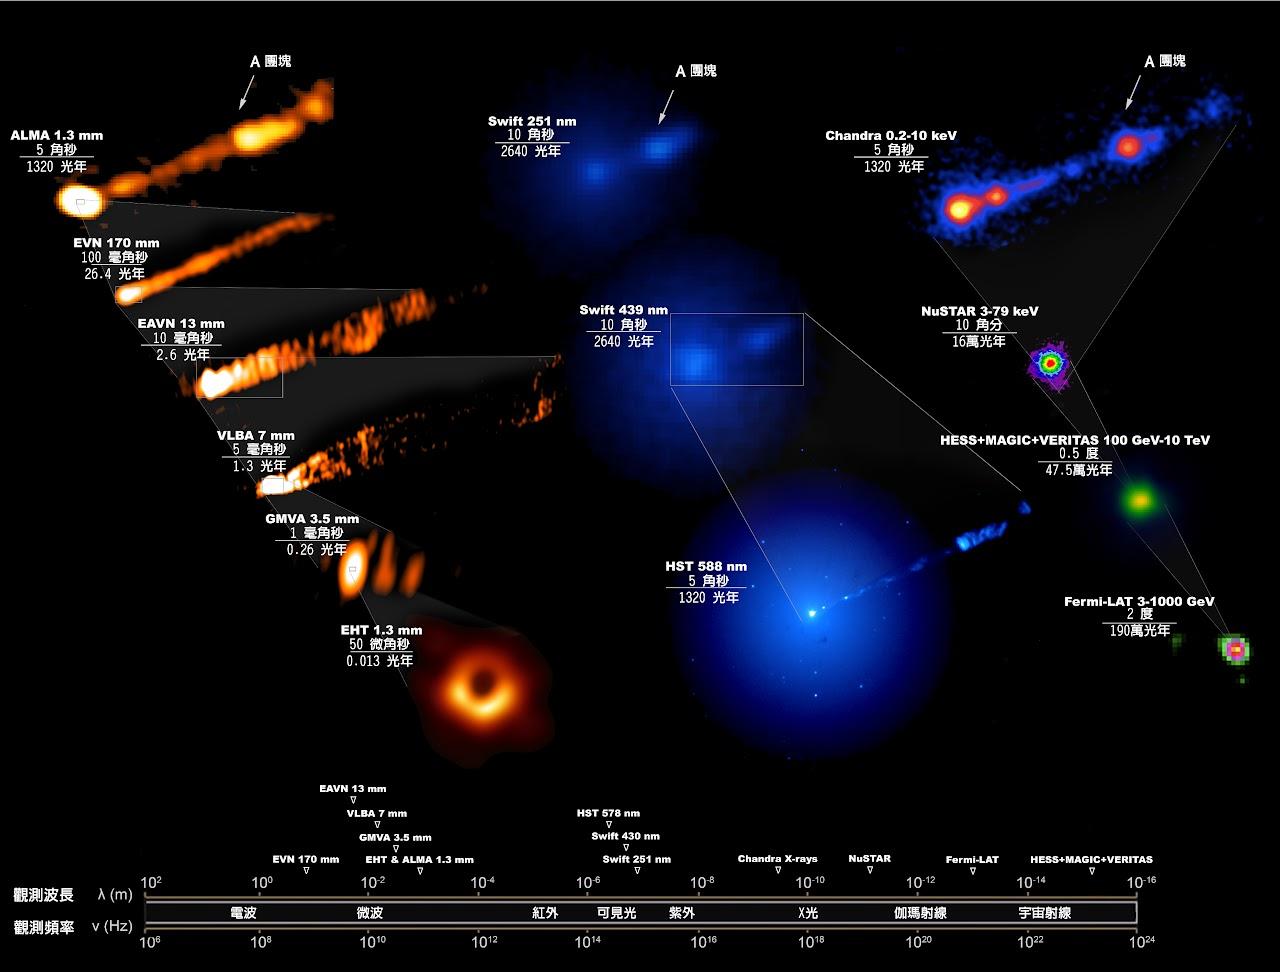 圖片為 M87 黑洞的多波段影像。EHT 拍到黑洞事件視界附近的「甜甜圈」影像,而其他波段的望遠鏡則拍到黑洞附近狹長而筆直的噴流。圖│中研院天文所